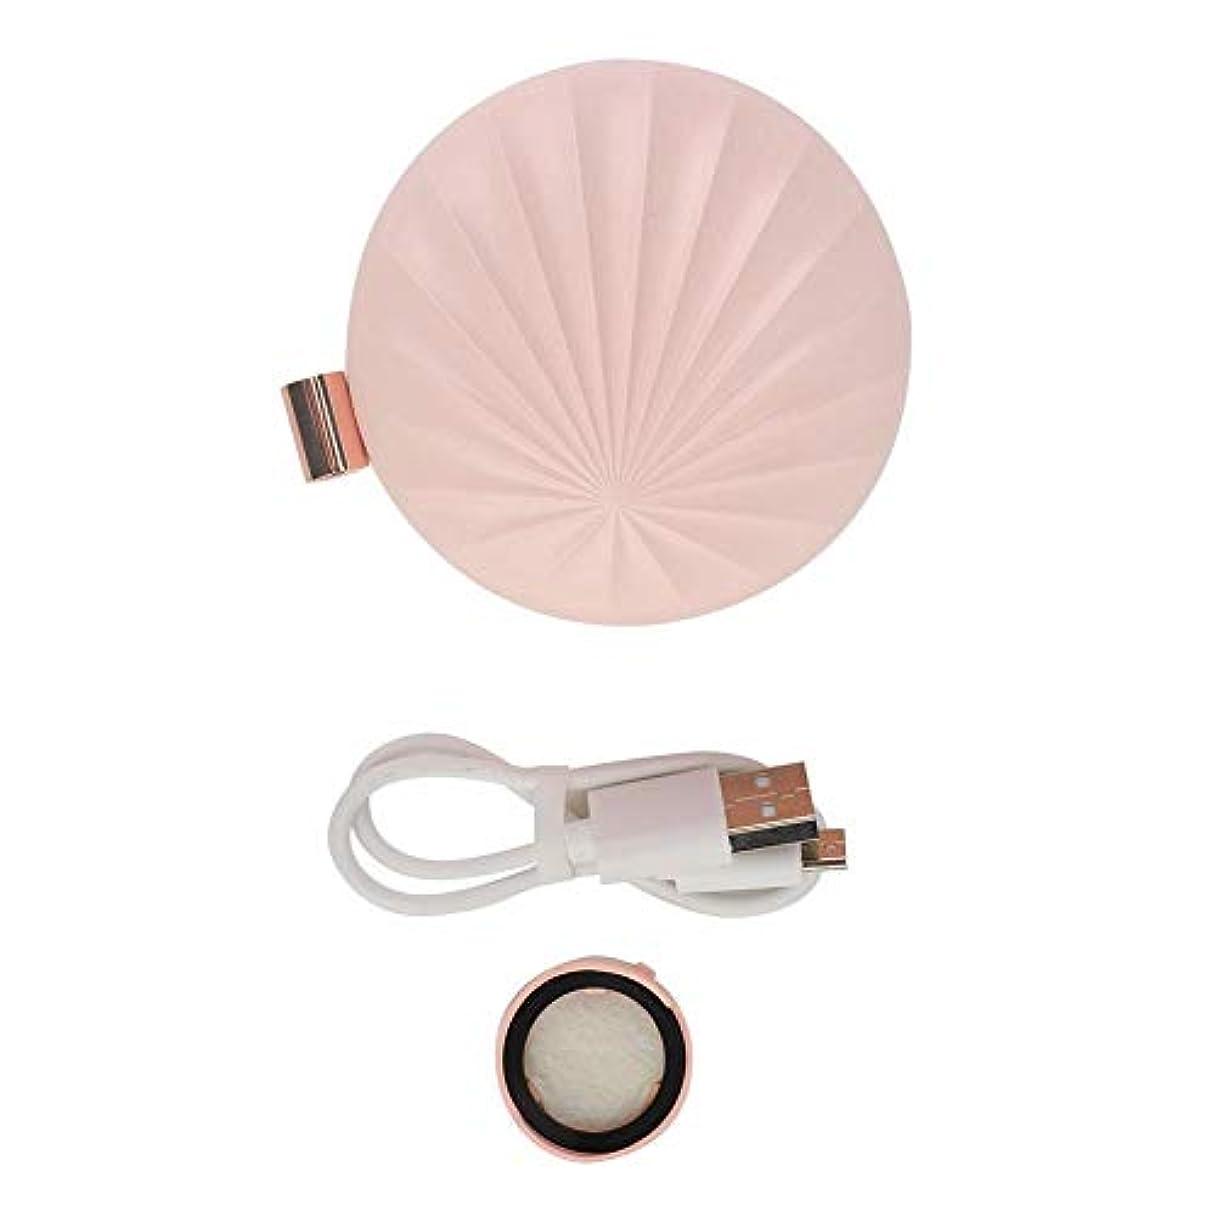 形状リゾートアジャホームディフューザー、ポータブルアロマディフューザーエッセンシャルオイル香水ディフューザーアロマセラピーカーホームオフィス装飾 (ピンク)